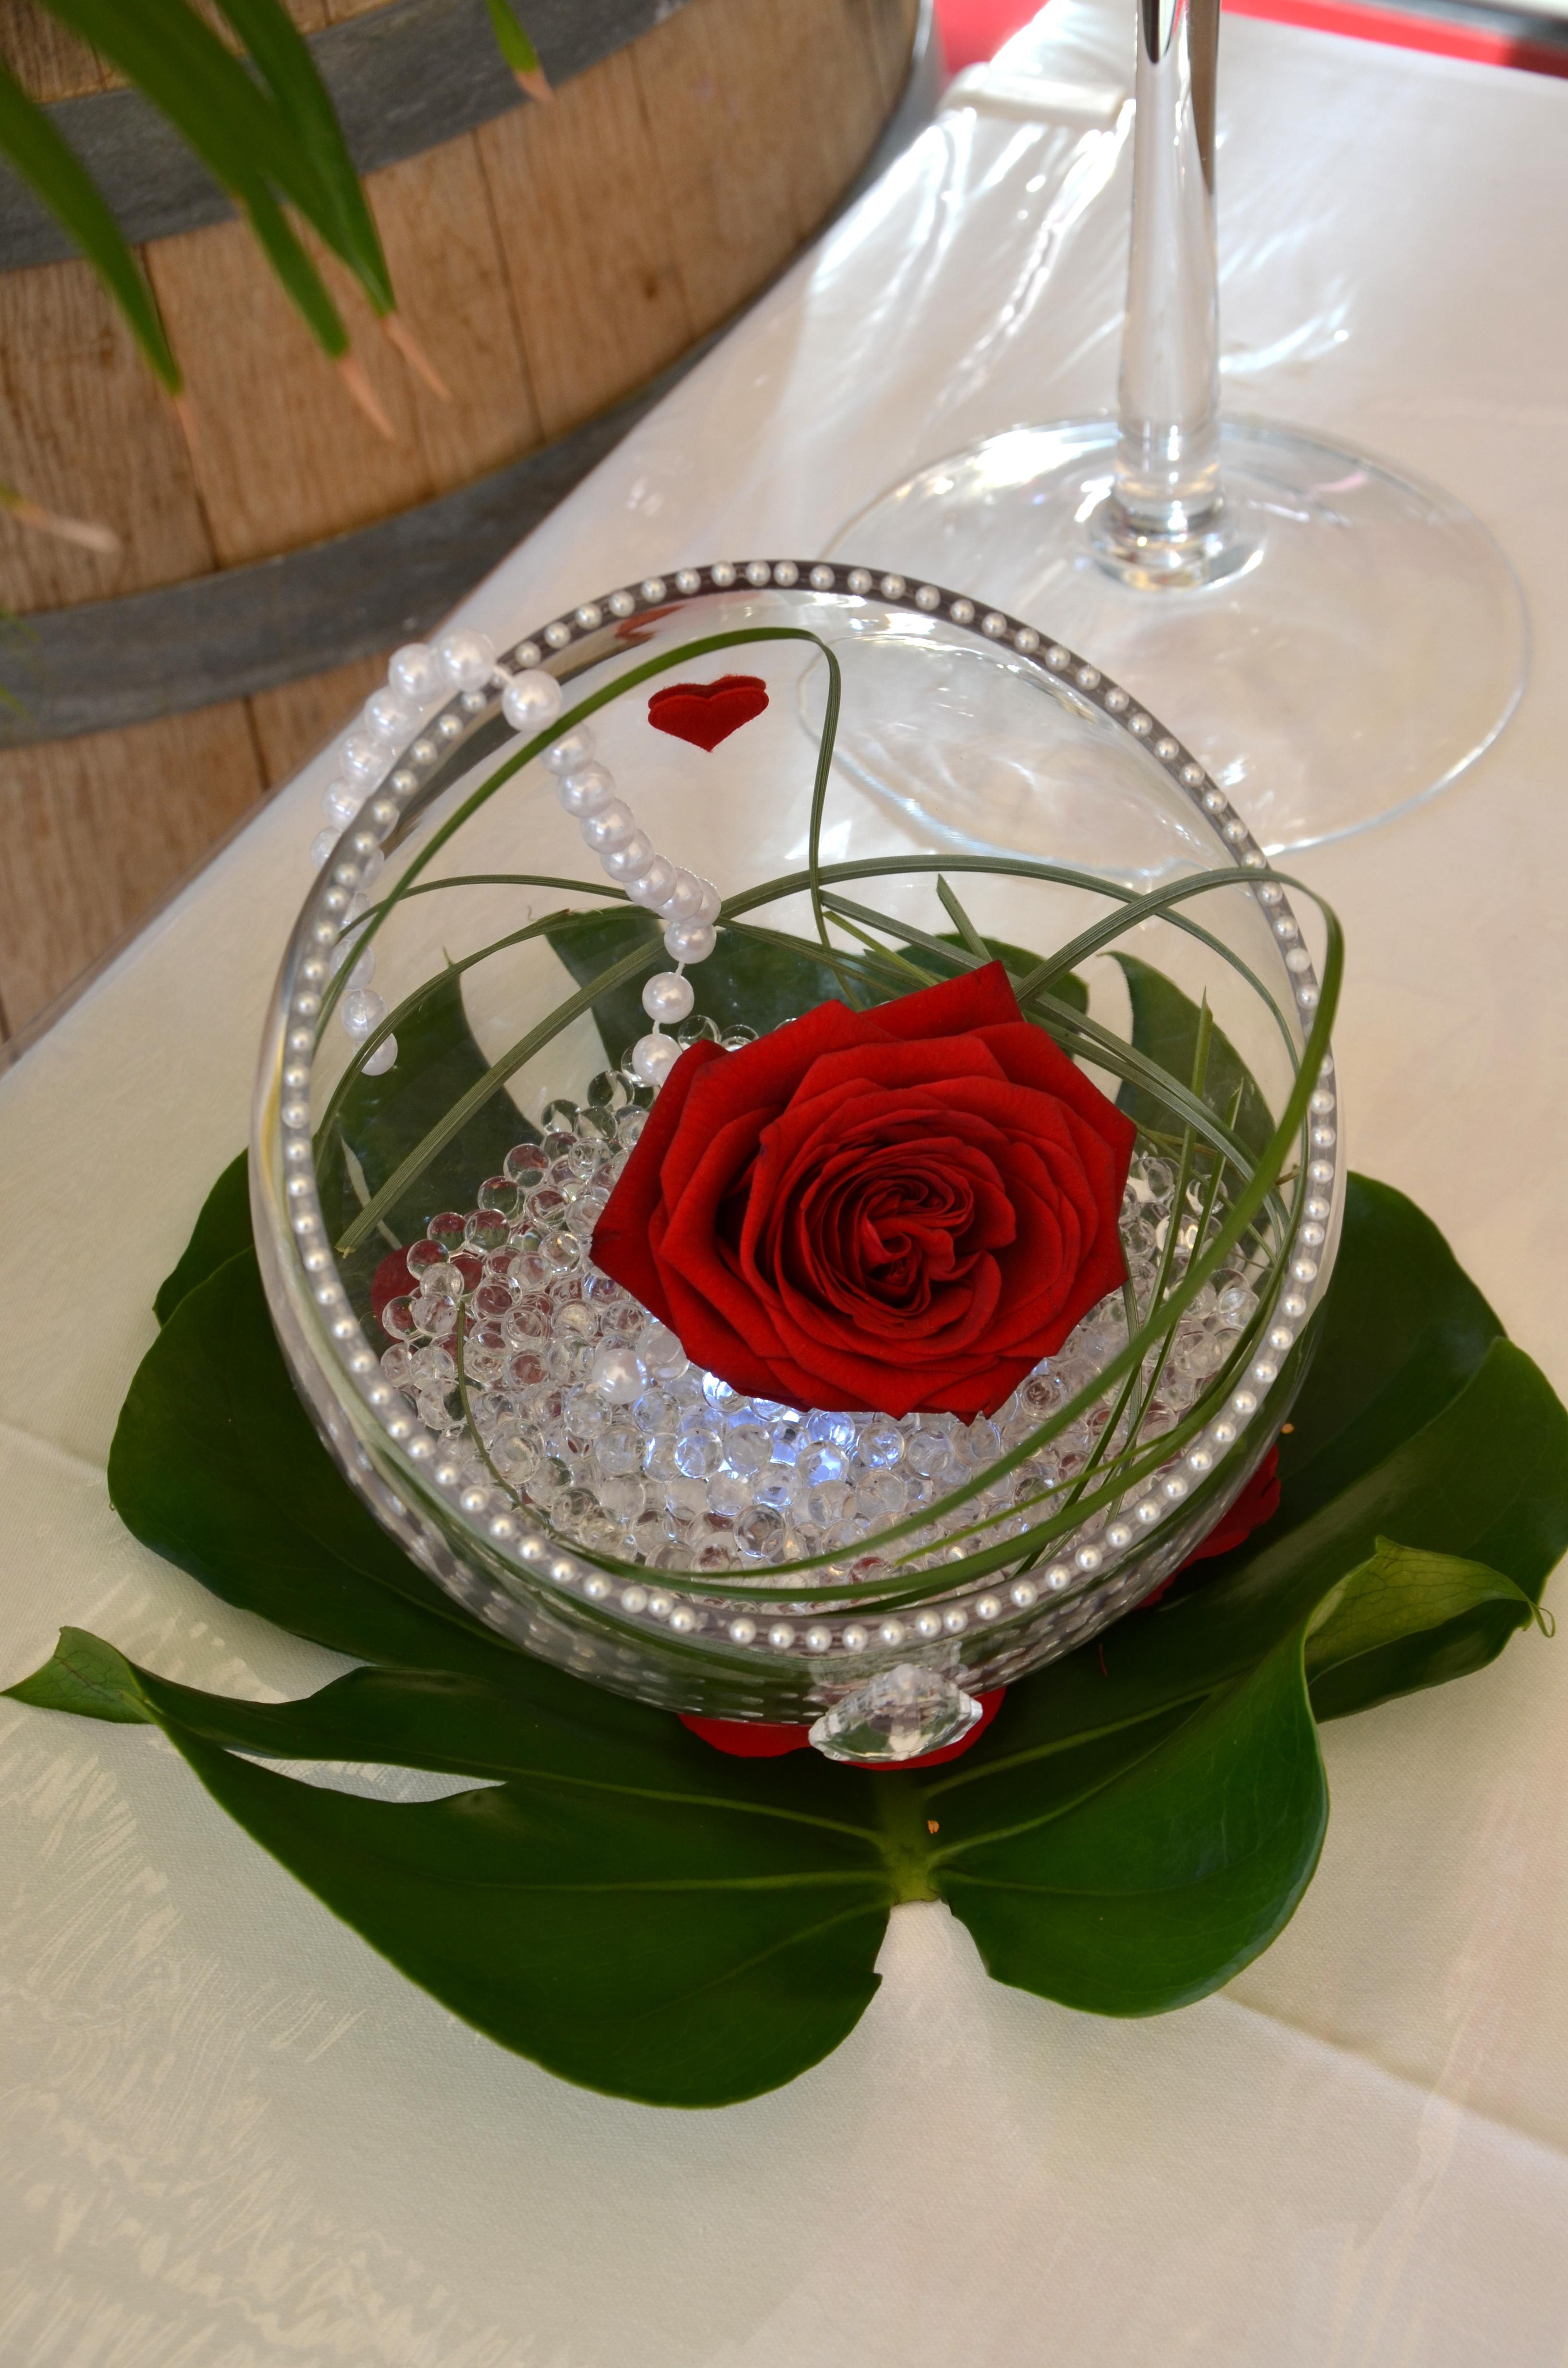 Mariage autour de la rose rouge